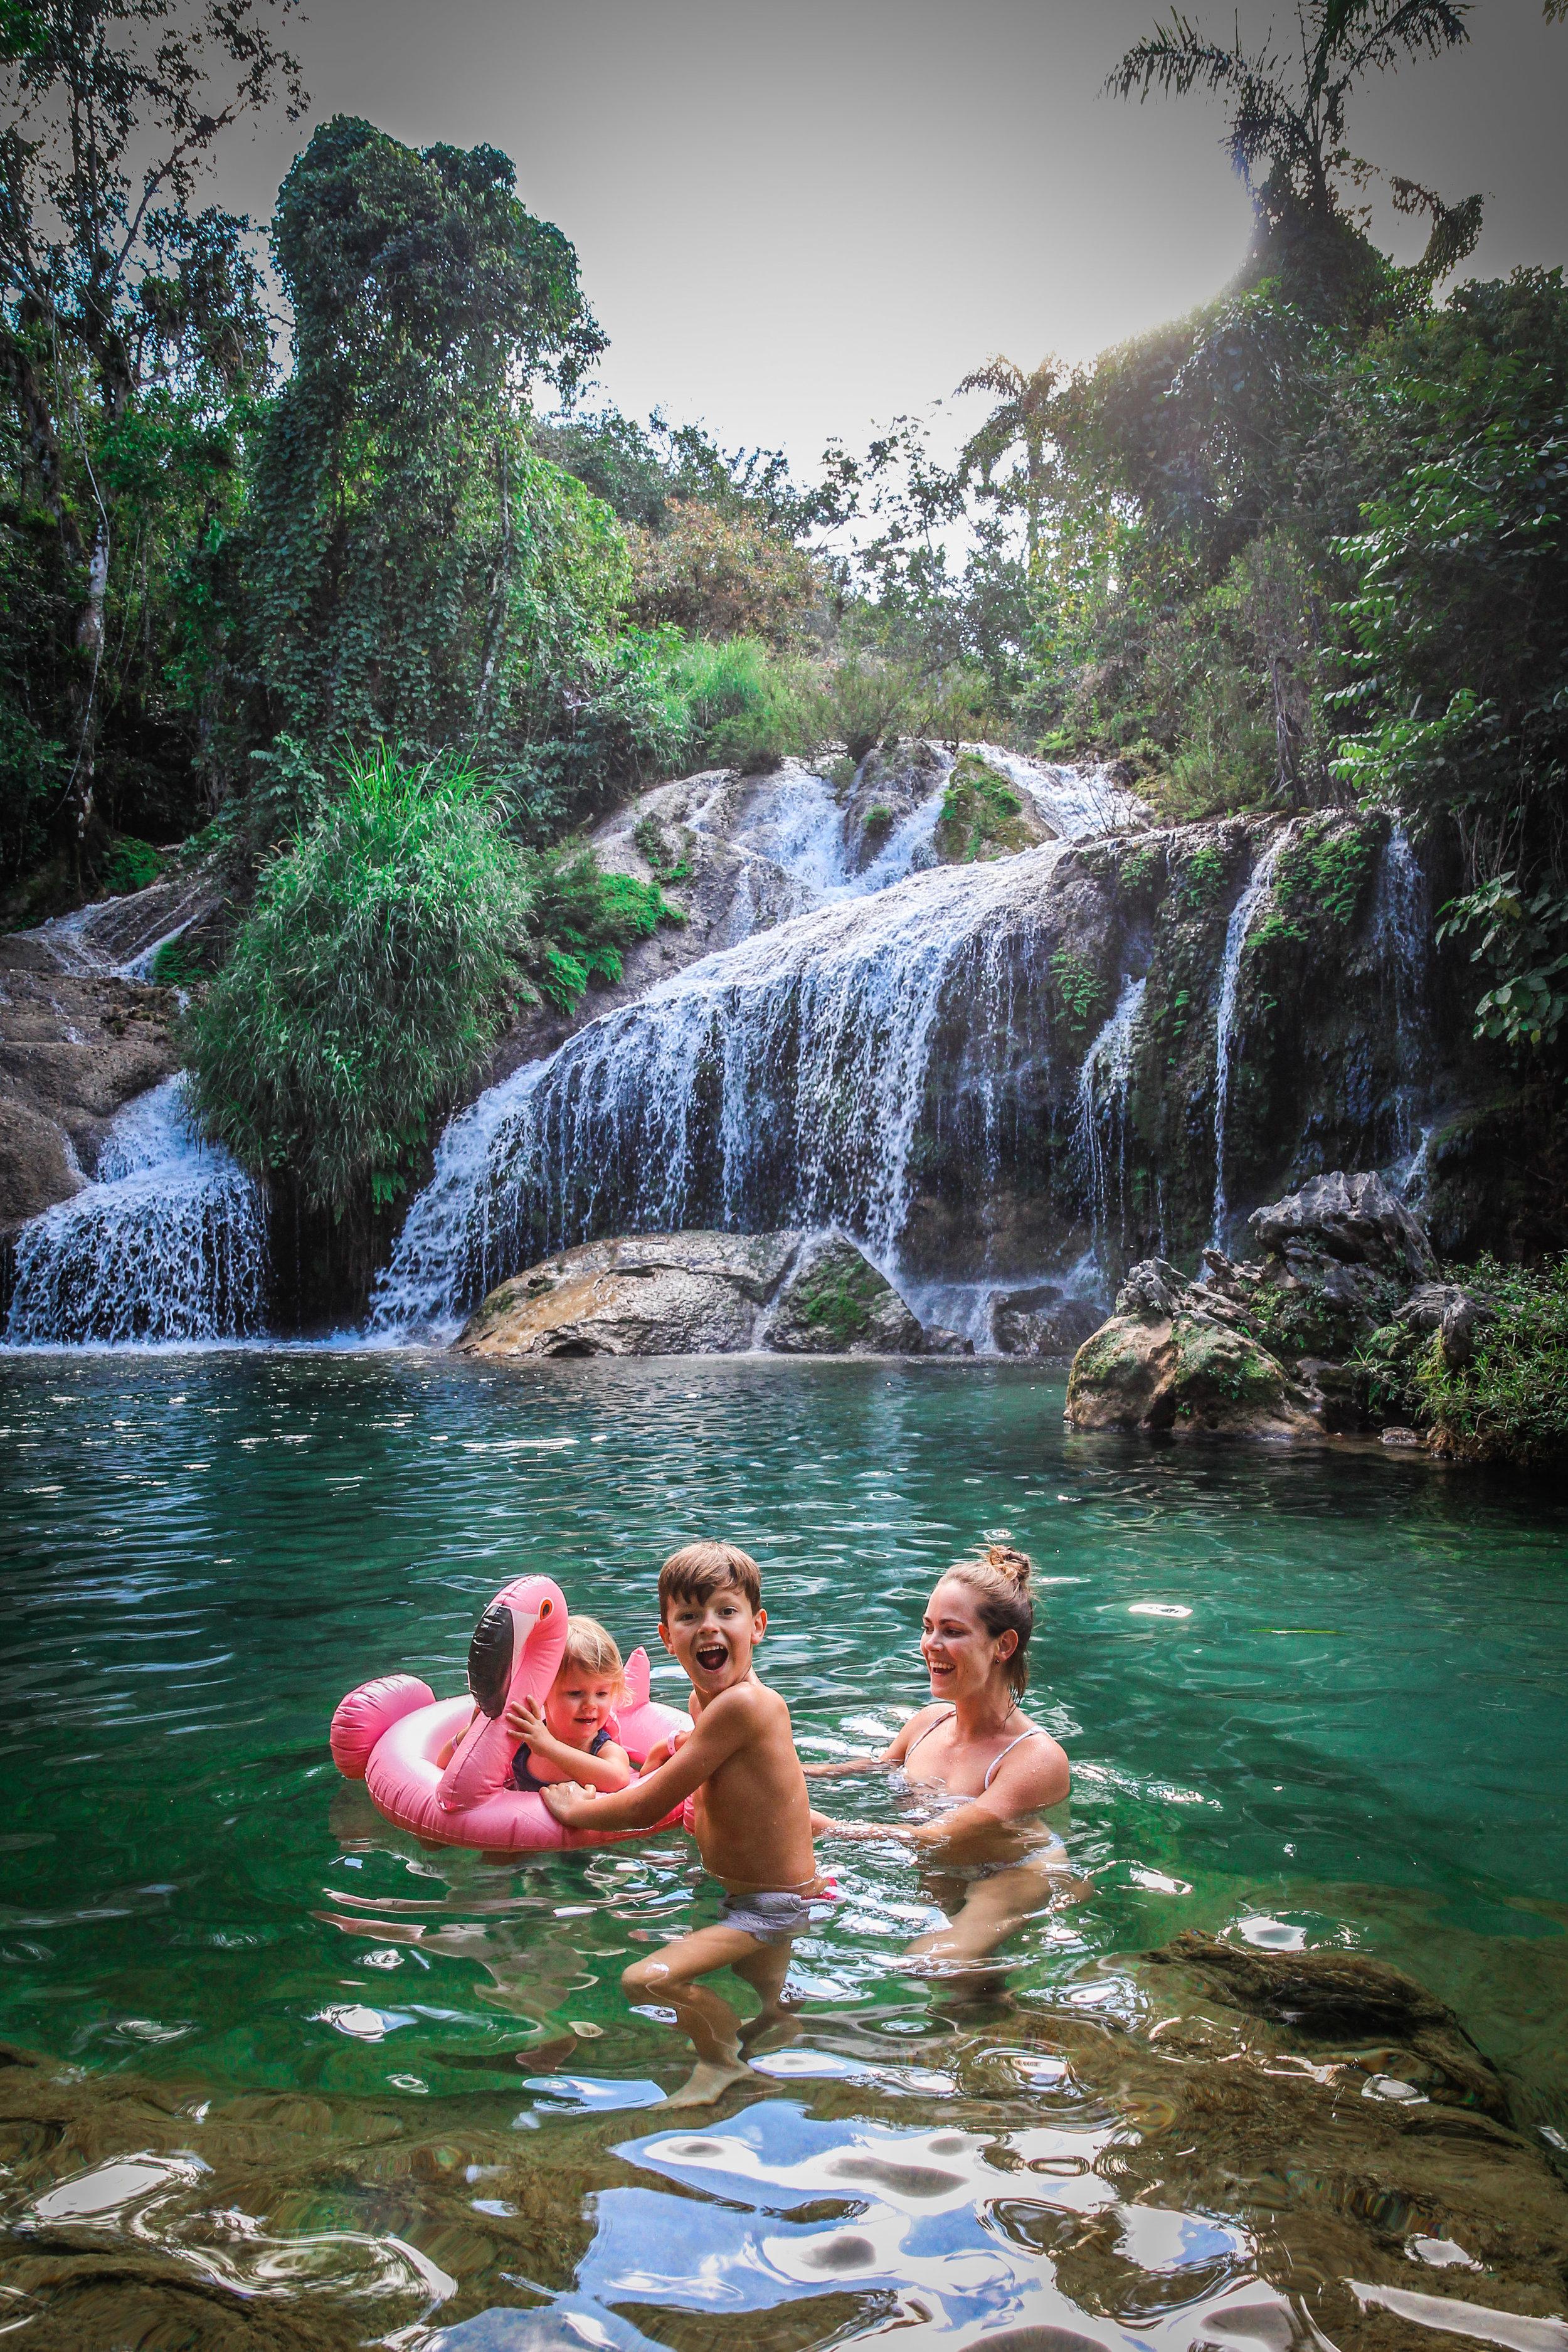 watervallen zwemmen pret kinderen cuba